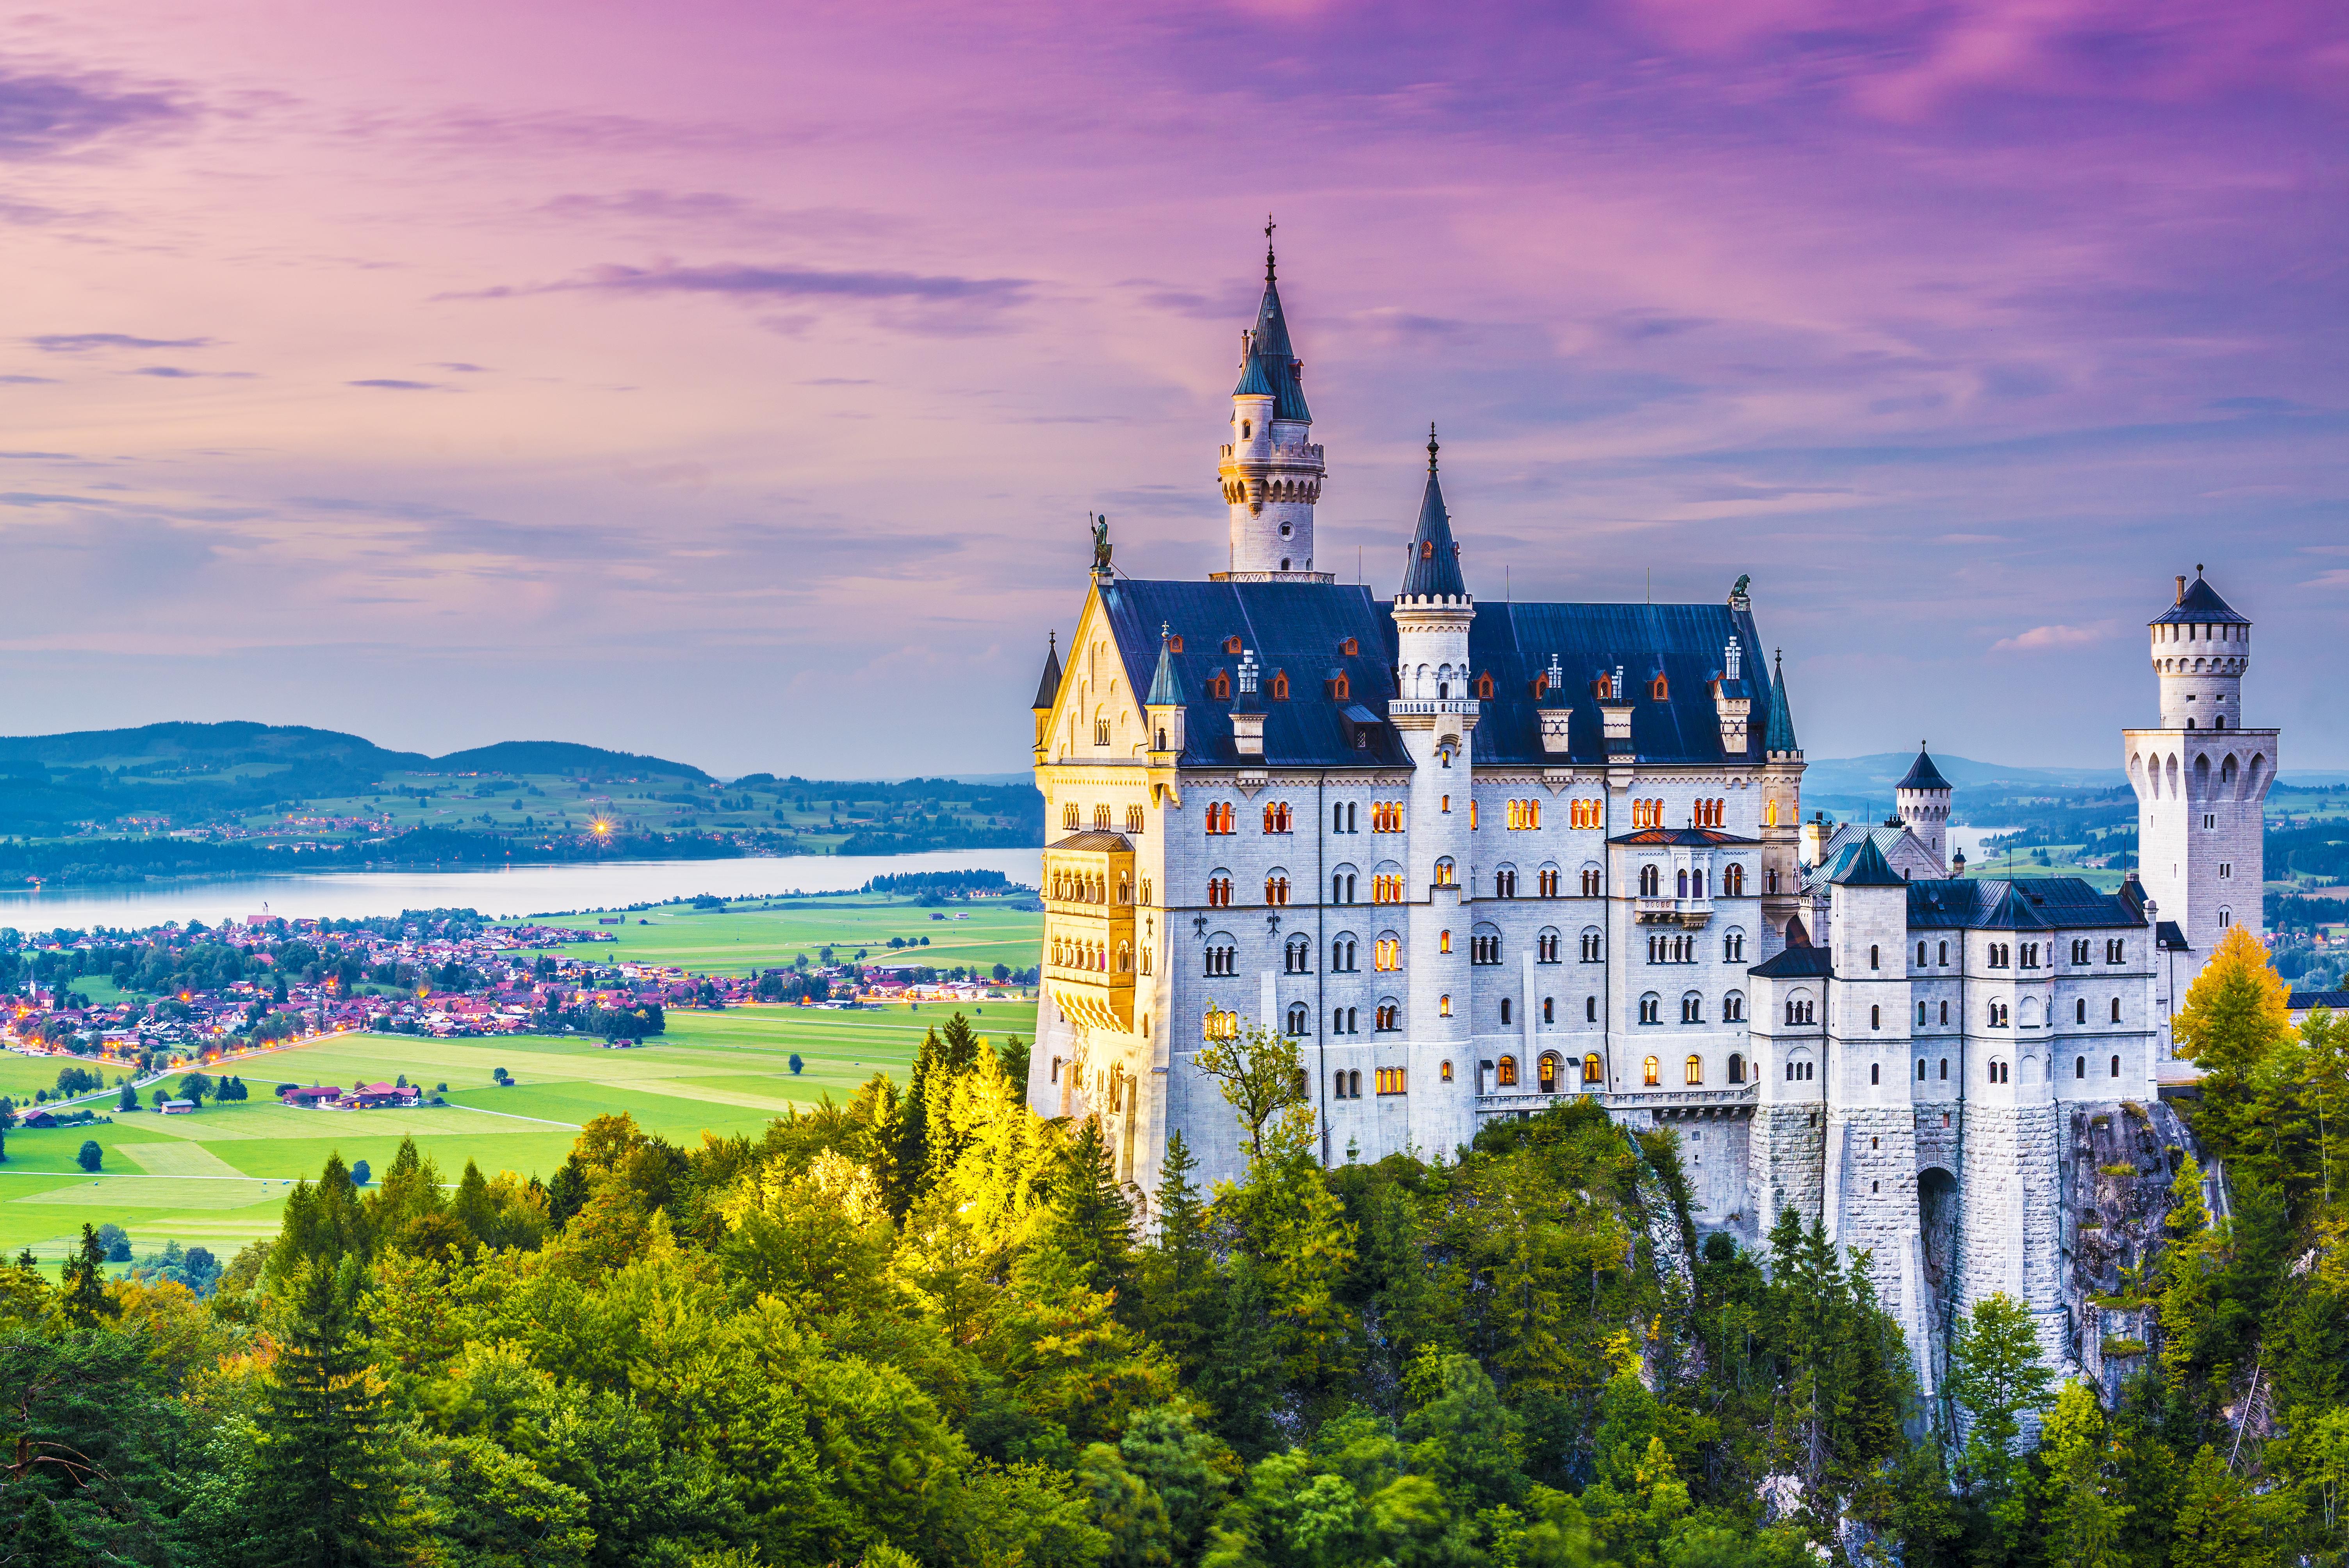 most impressive castles neuschwanstein